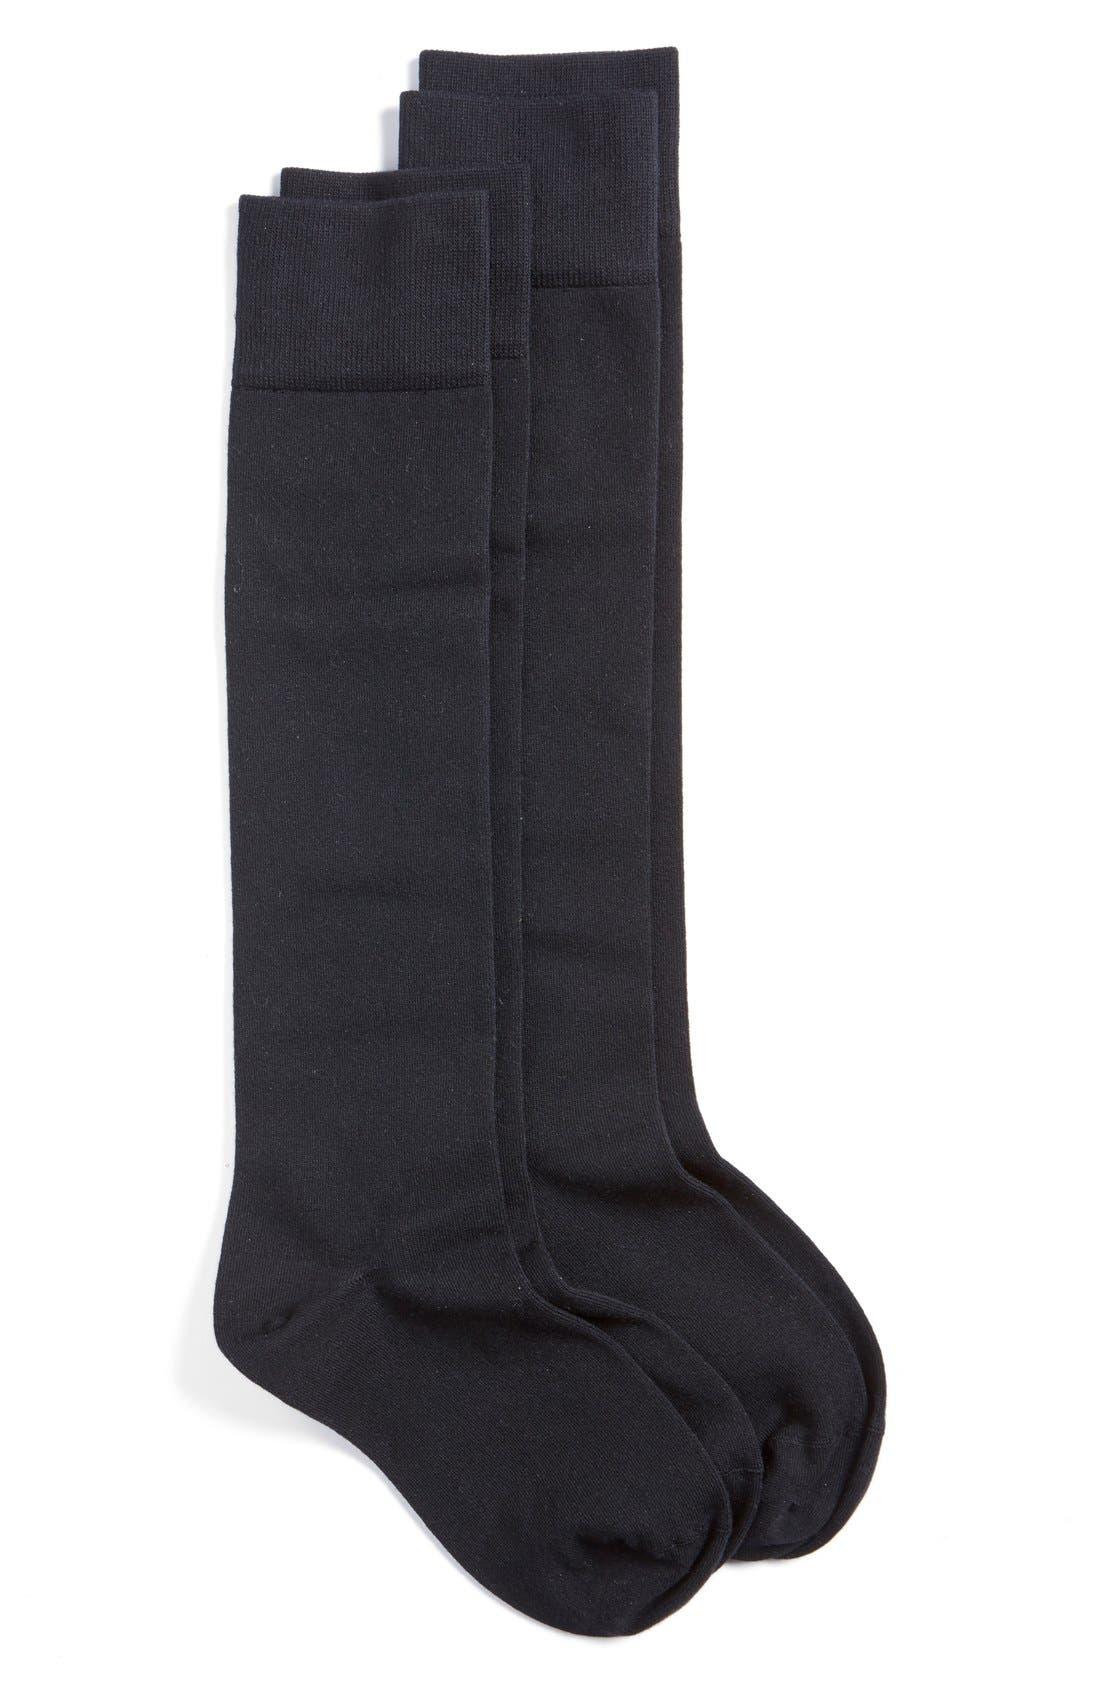 Nordstrom 2-Pack Knee High Socks